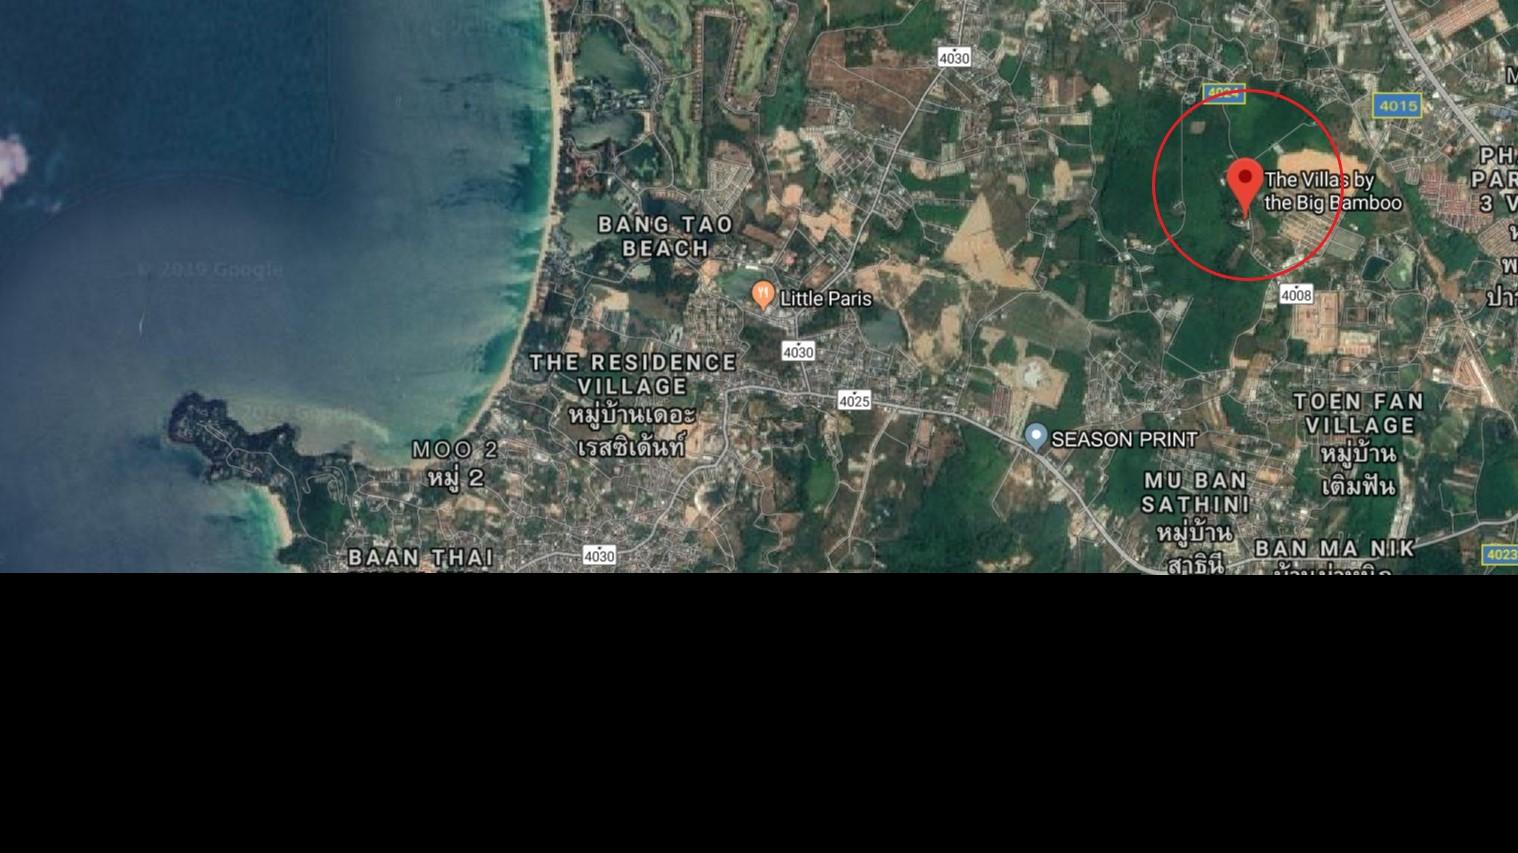 Serviced Villa Building Plots Near Laguna, Phuket